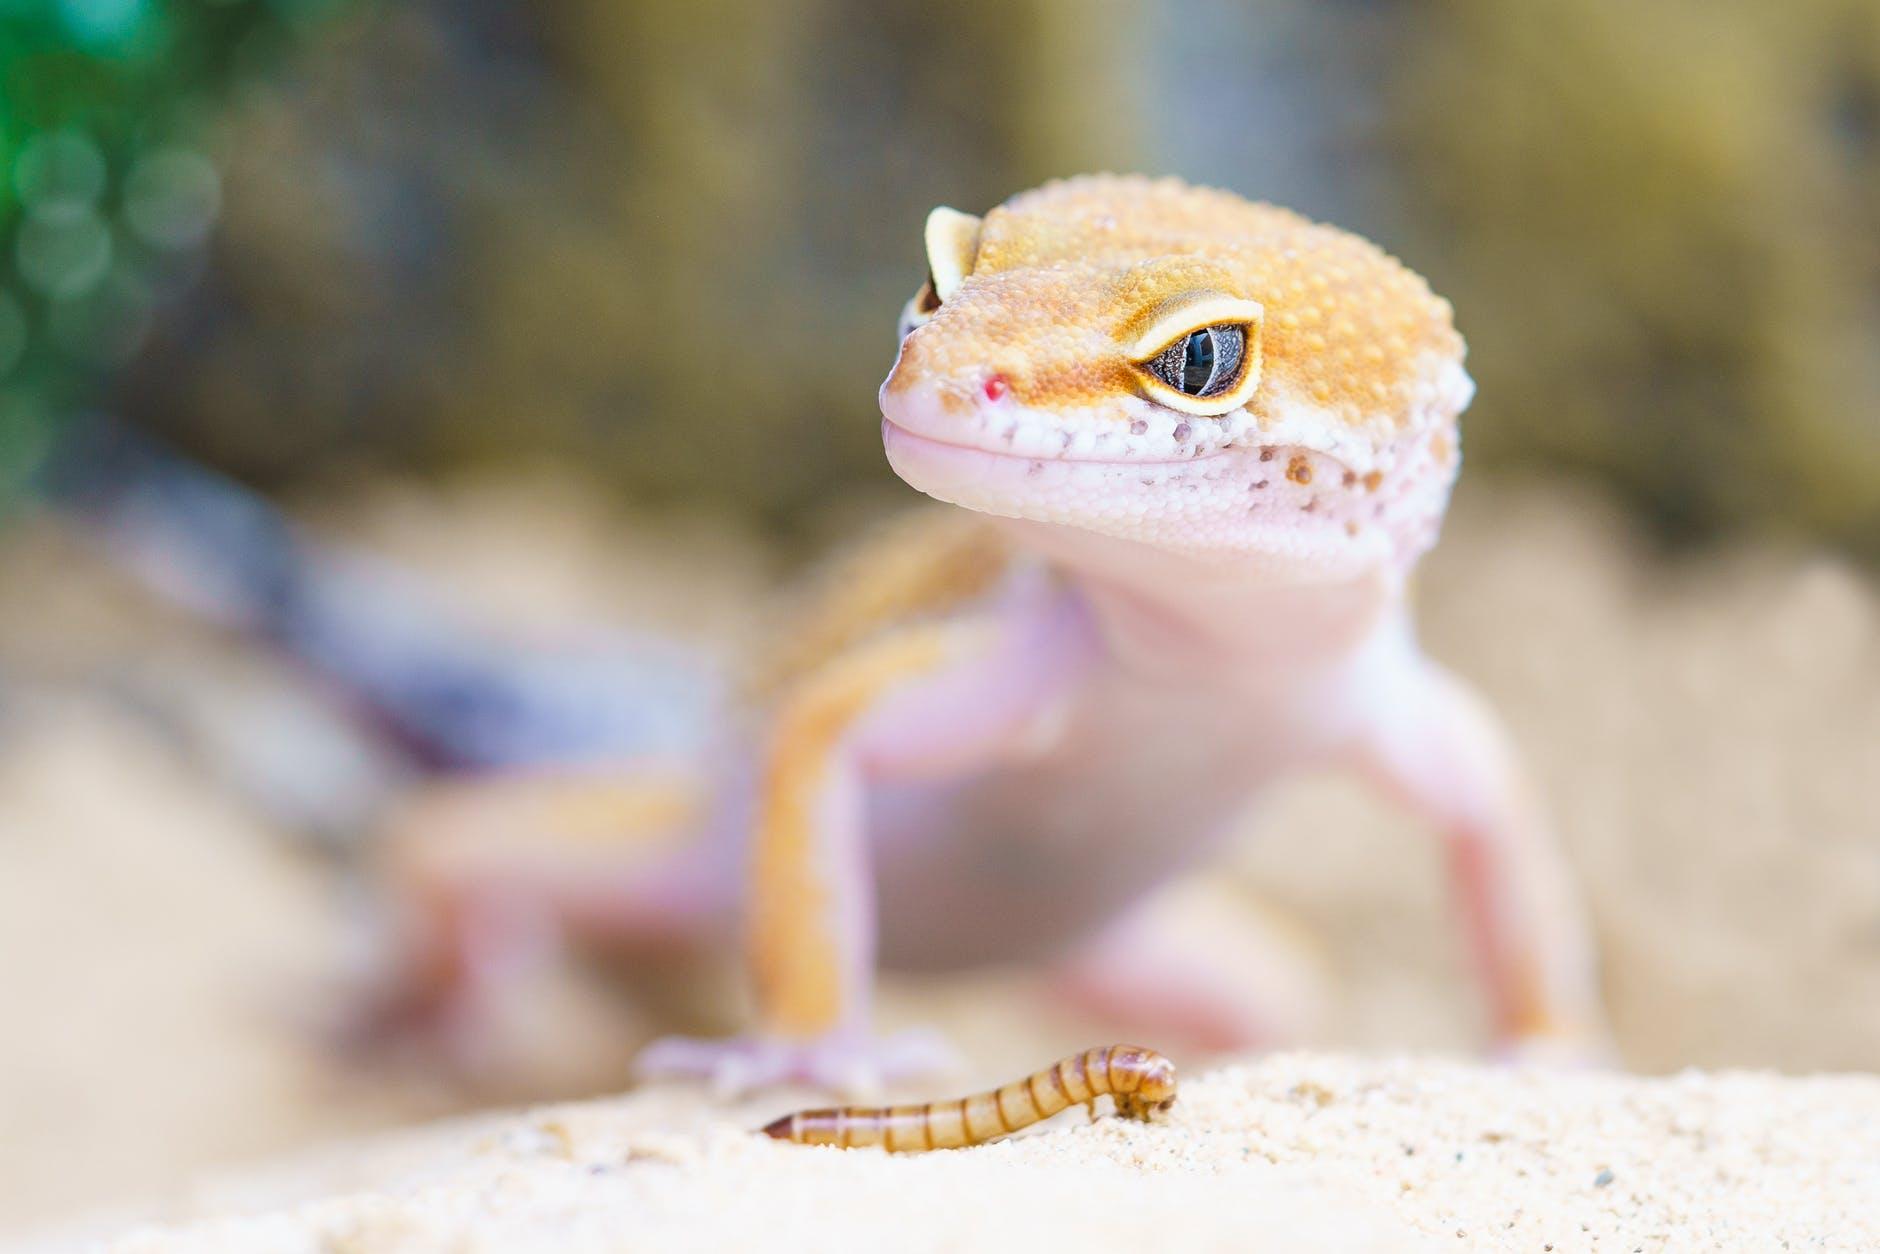 A lizard in the wild